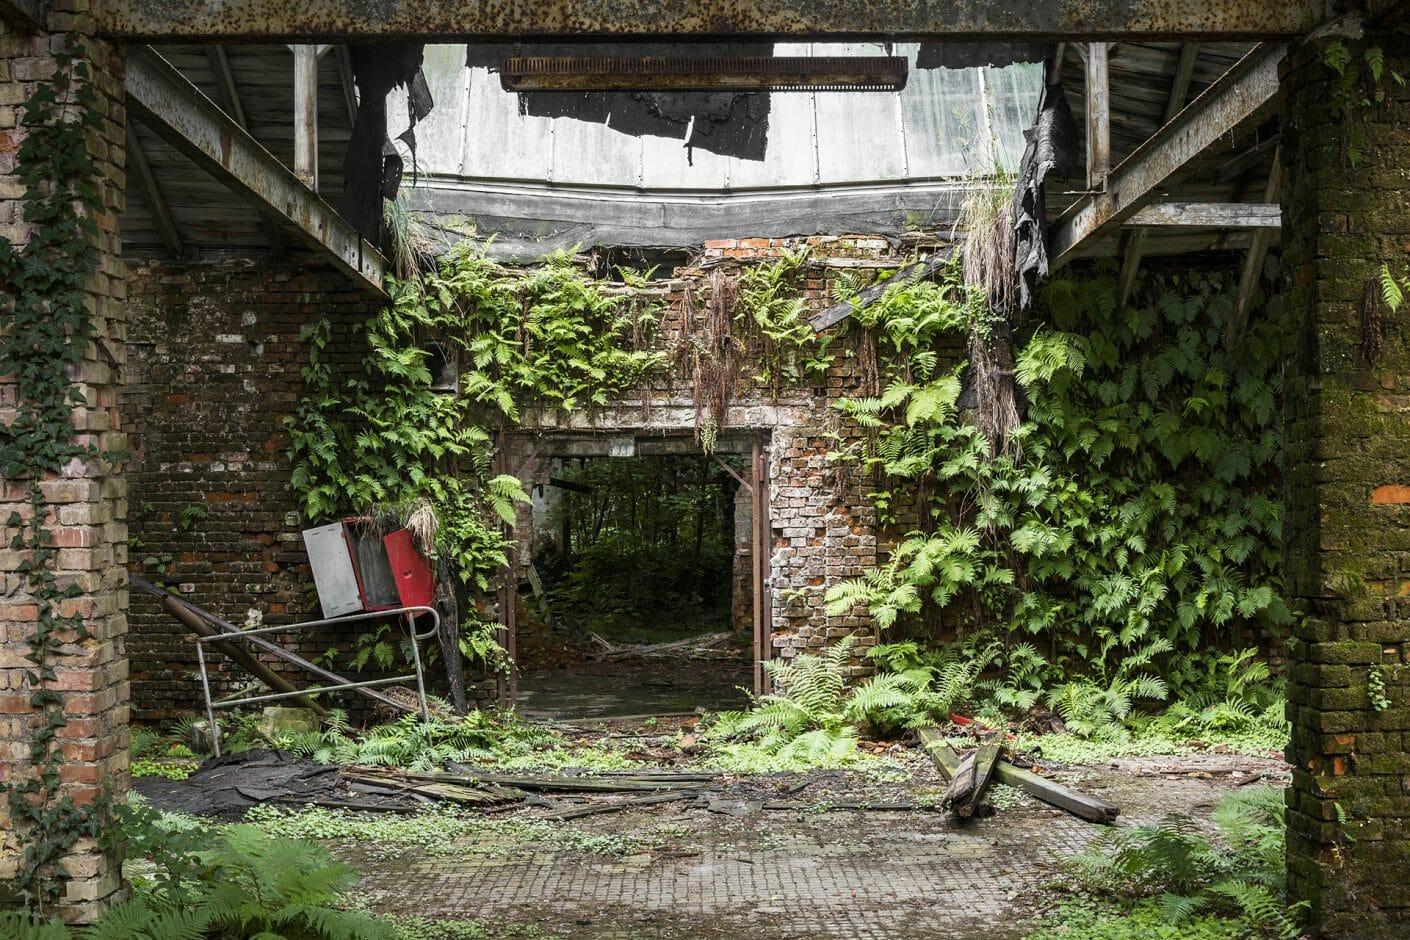 Porte d'une usine, les murs en brique sont recouverts de plantes